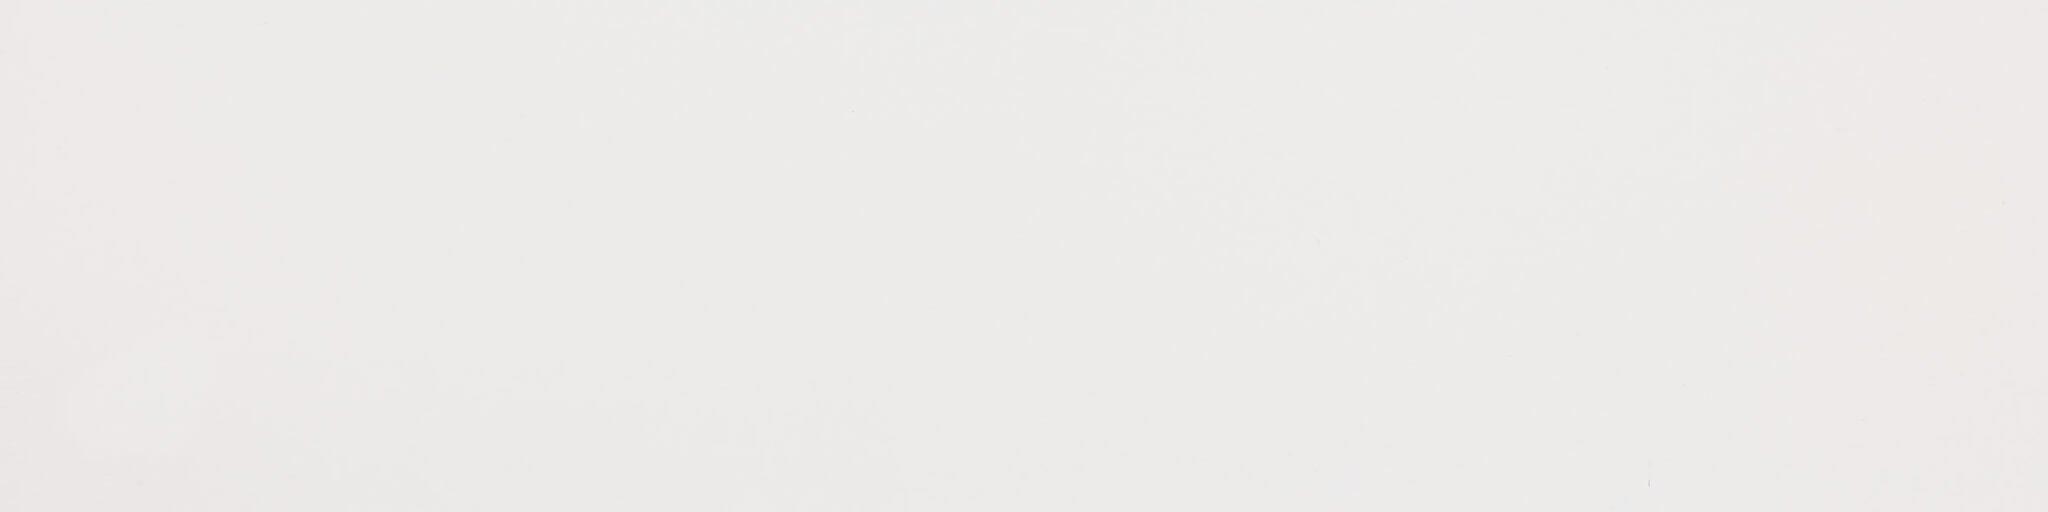 Houten jaloezie 'Basic' 301601 – Pure wood – Helder Wit – Max 2650 mm breed – alleen beschikbaar in 50 mm